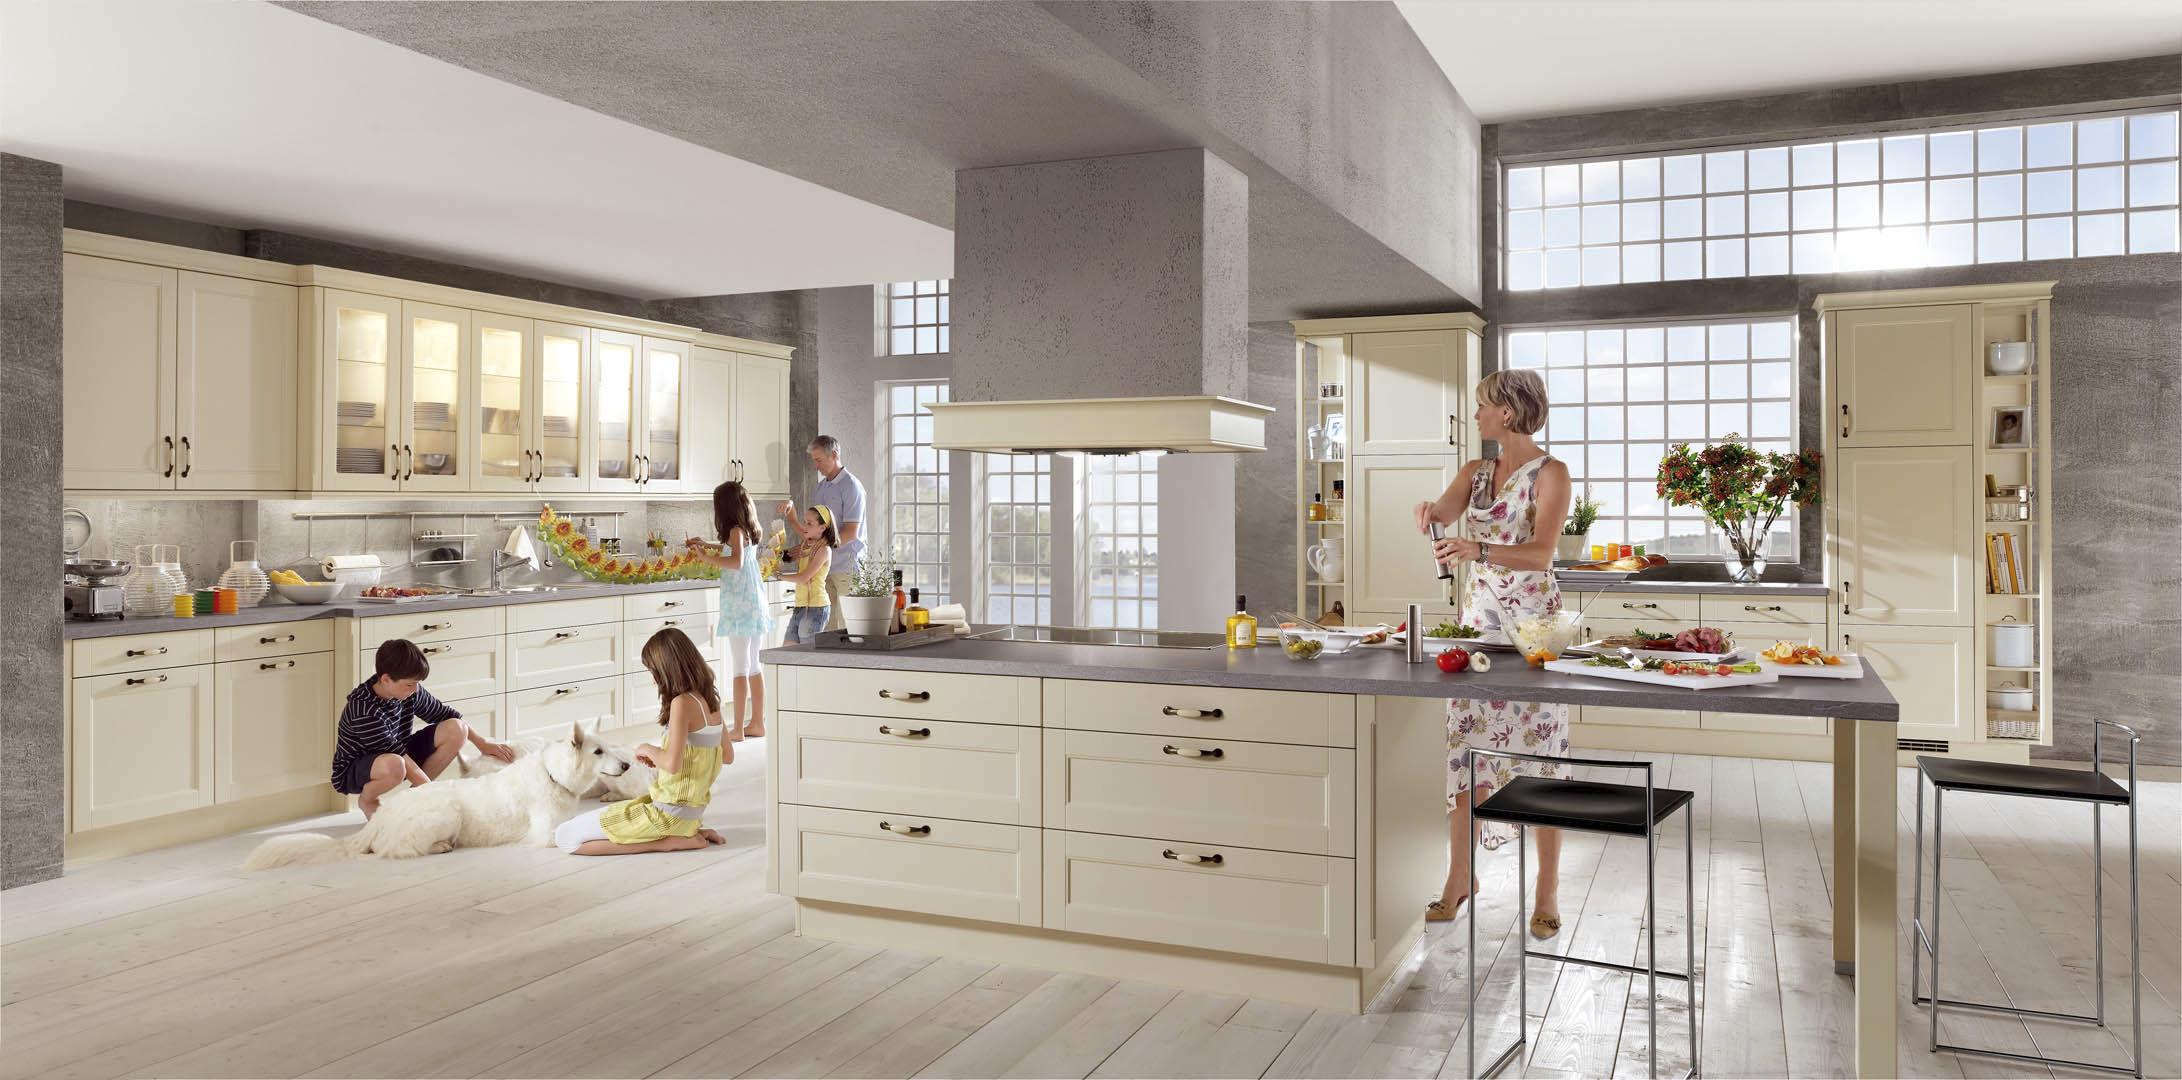 Moderne Landhausküche Nobilia | kochkor.info